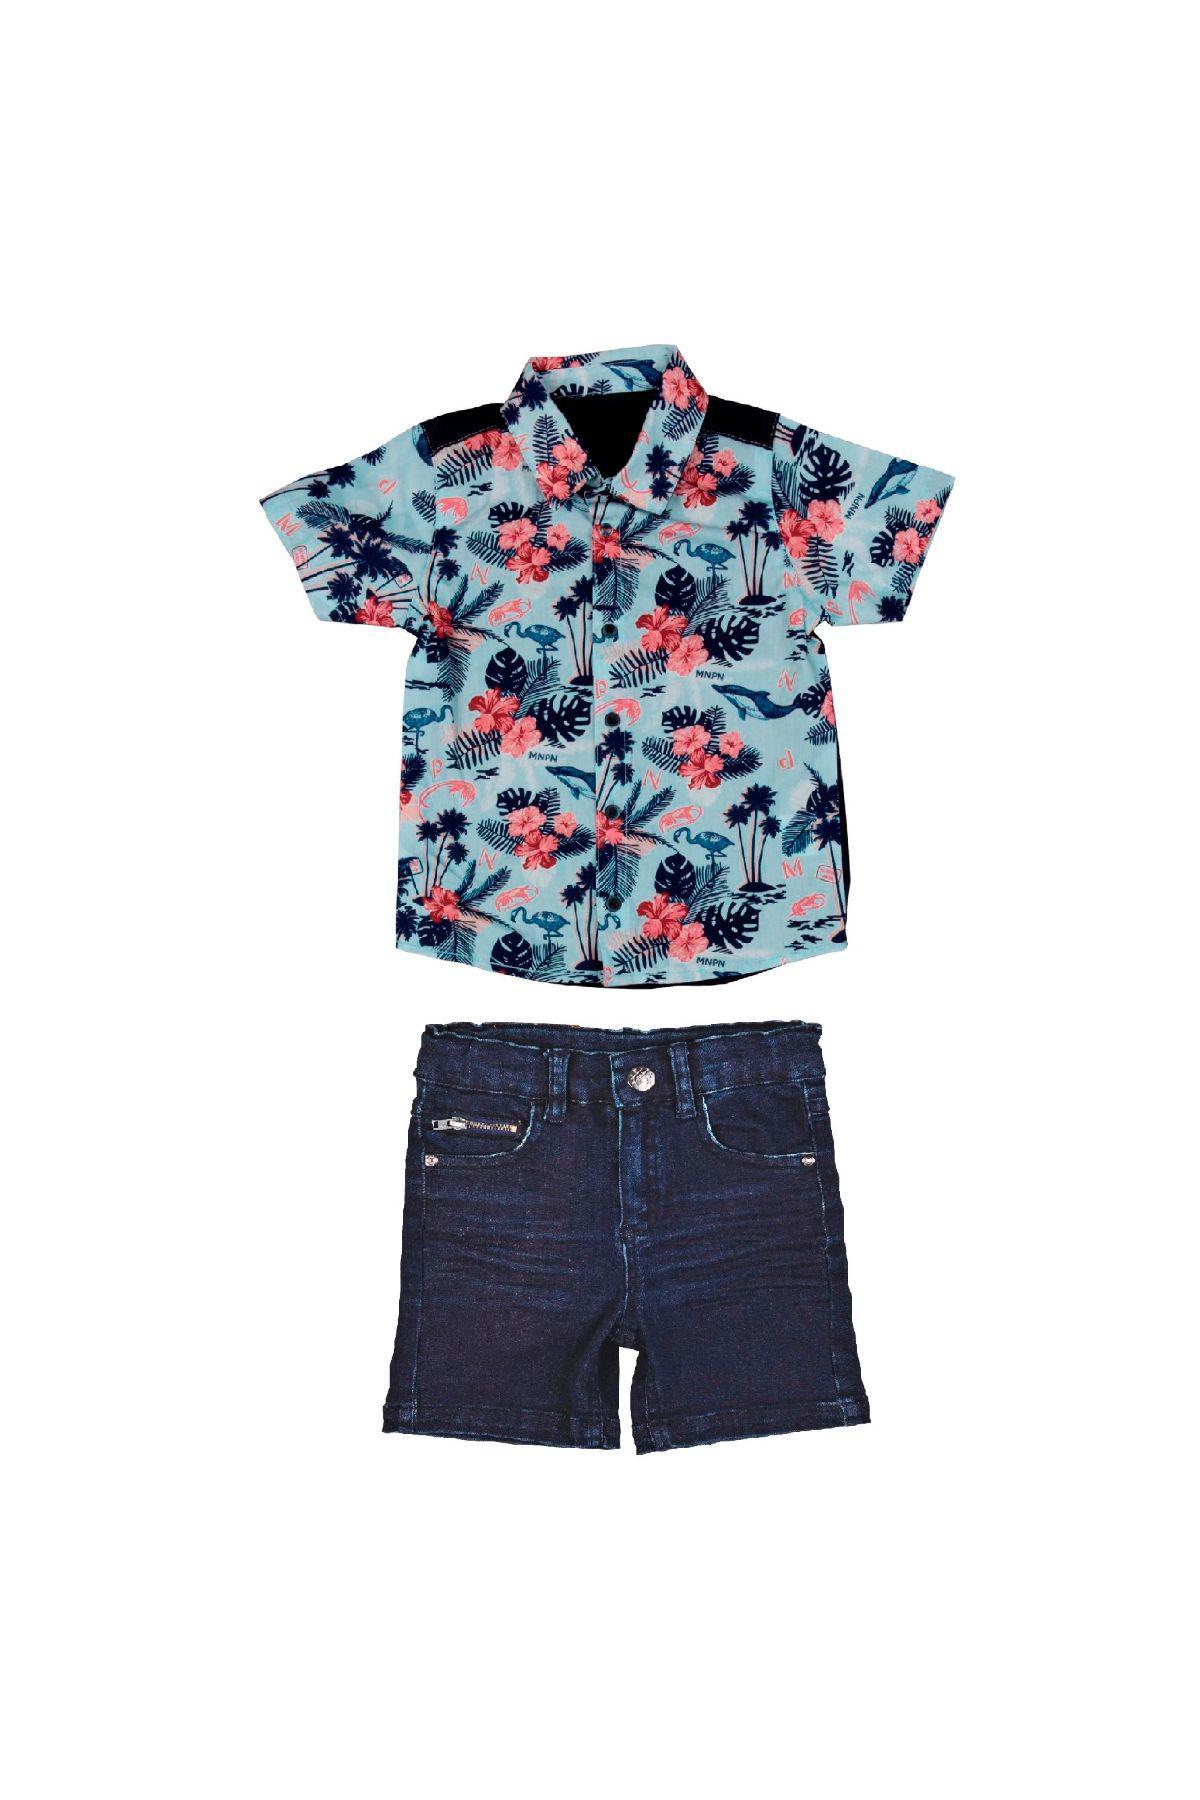 Bebepan 3908 ТЕМНО-СИНИЙ Детский костюм для мальчиков